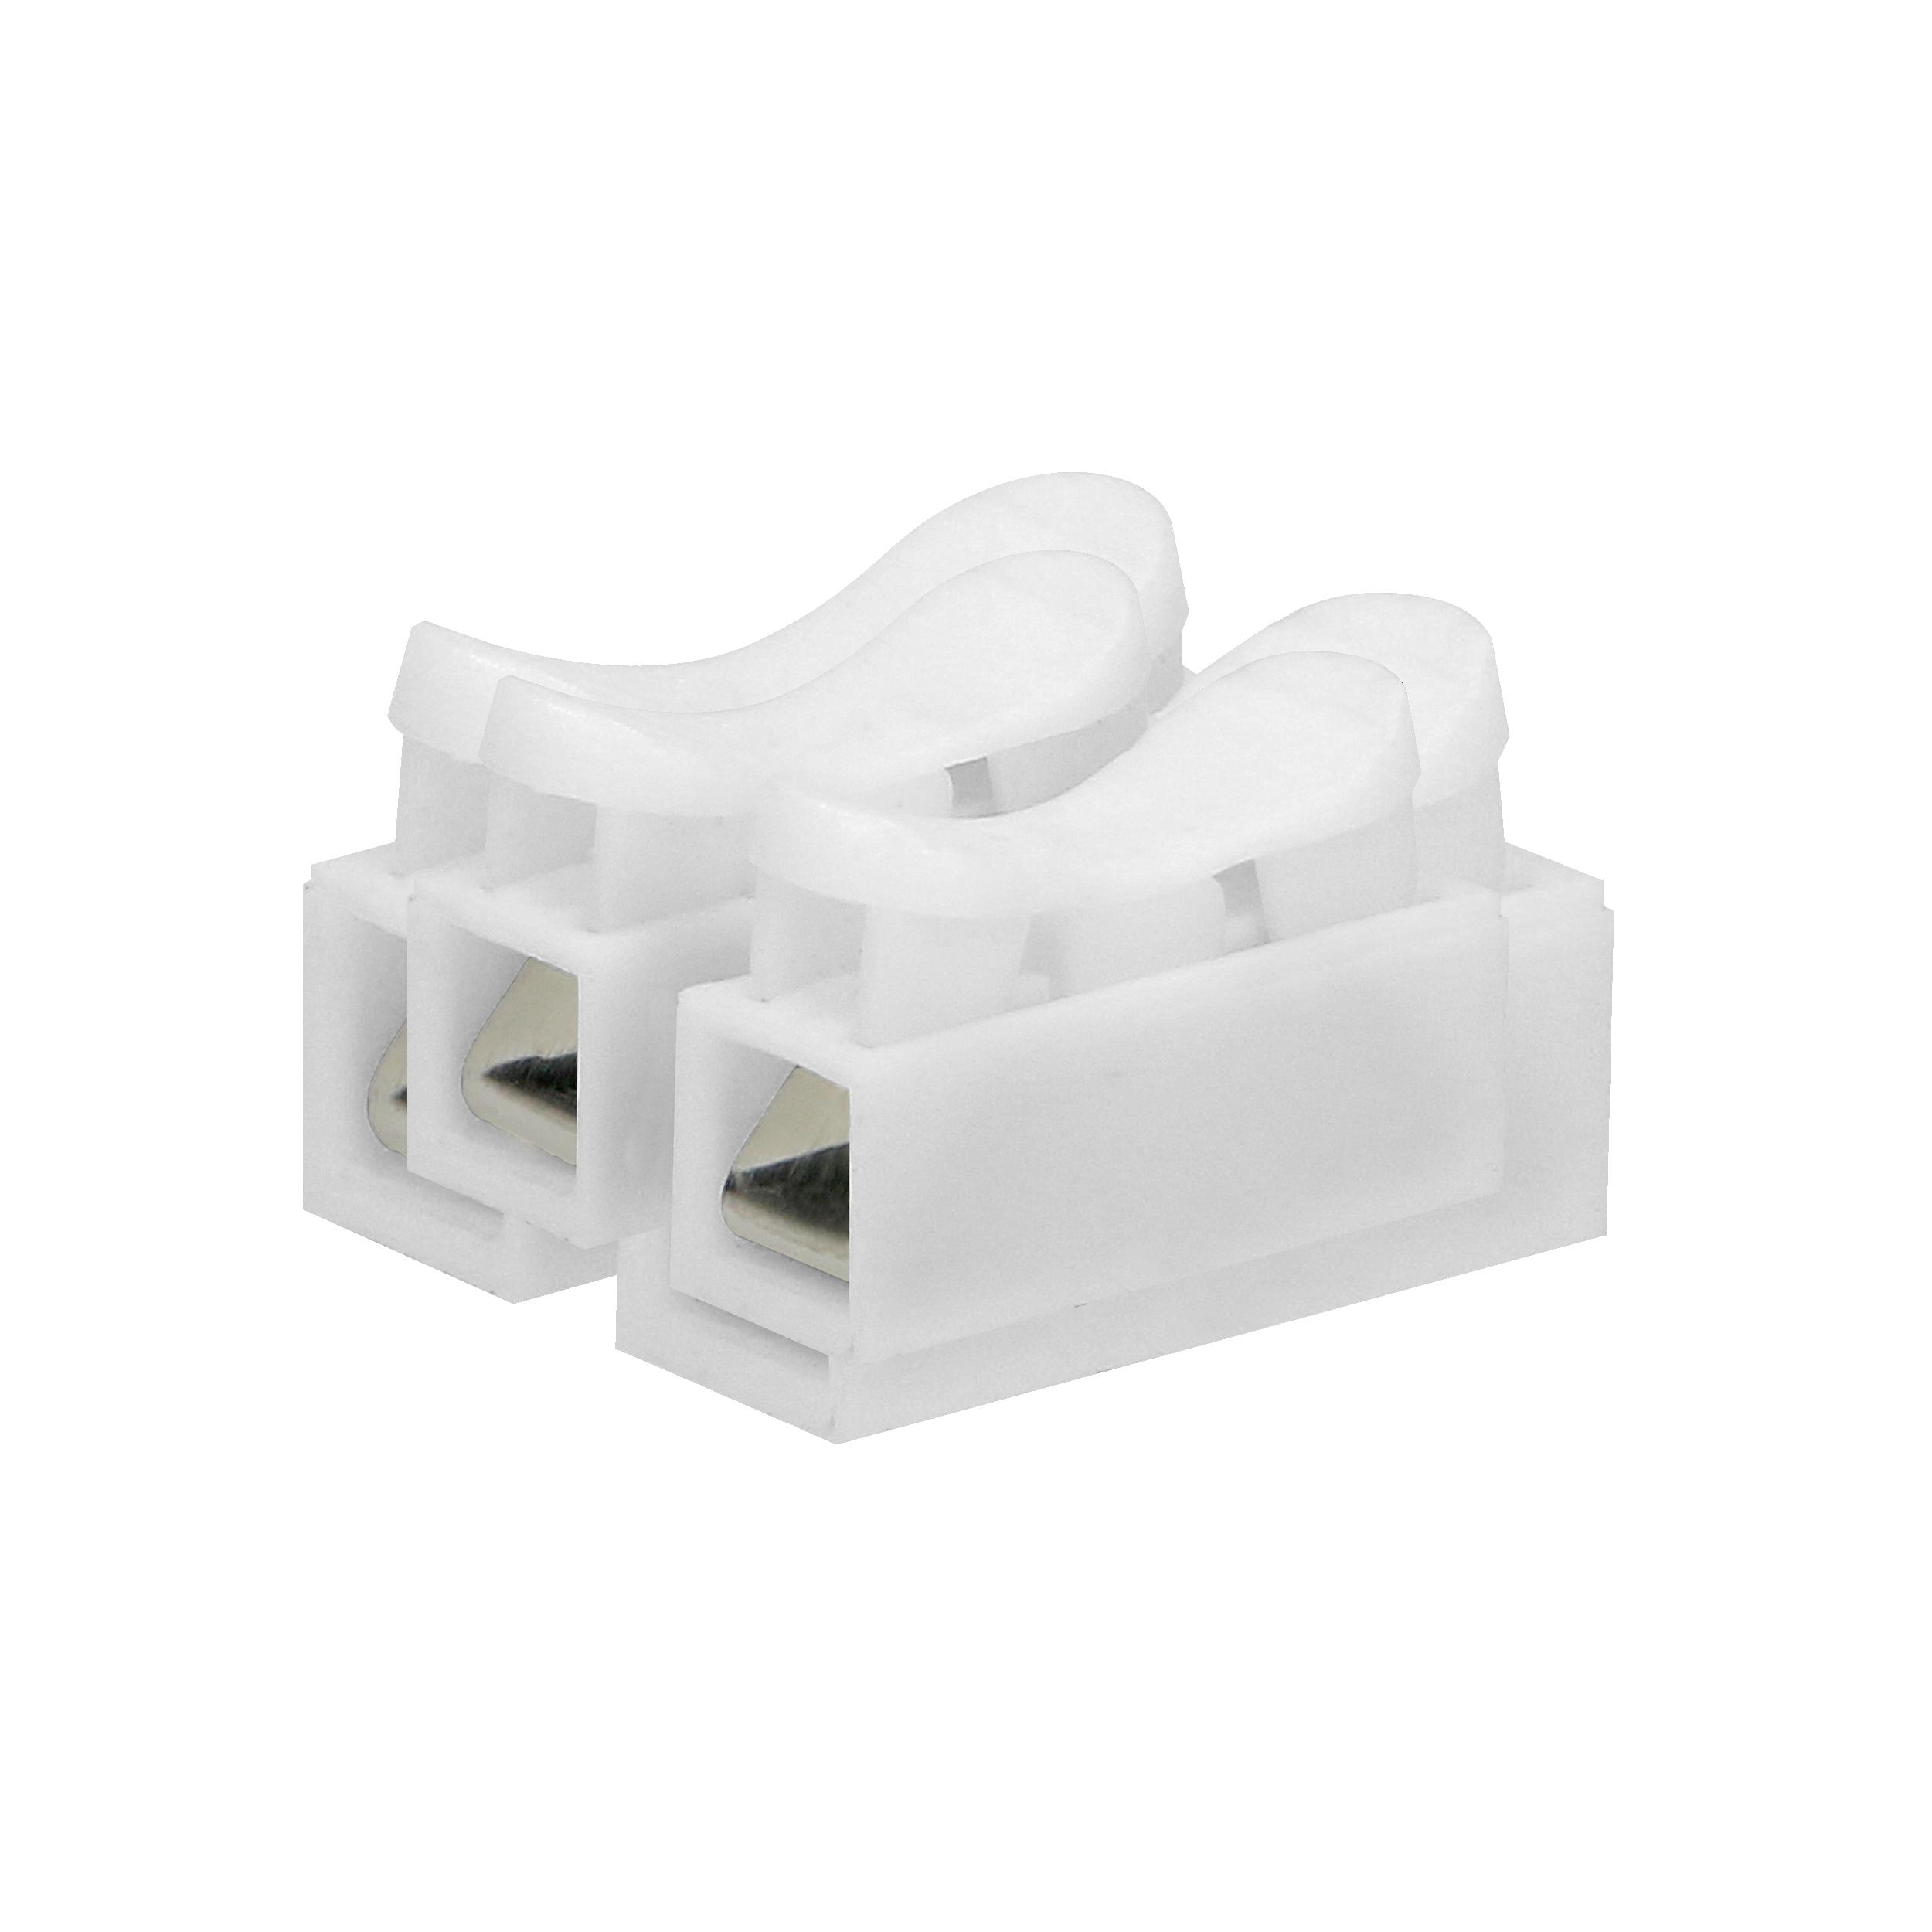 Złączka dwutorowa sprężynowa 2x2,5mm², 100 sztuk